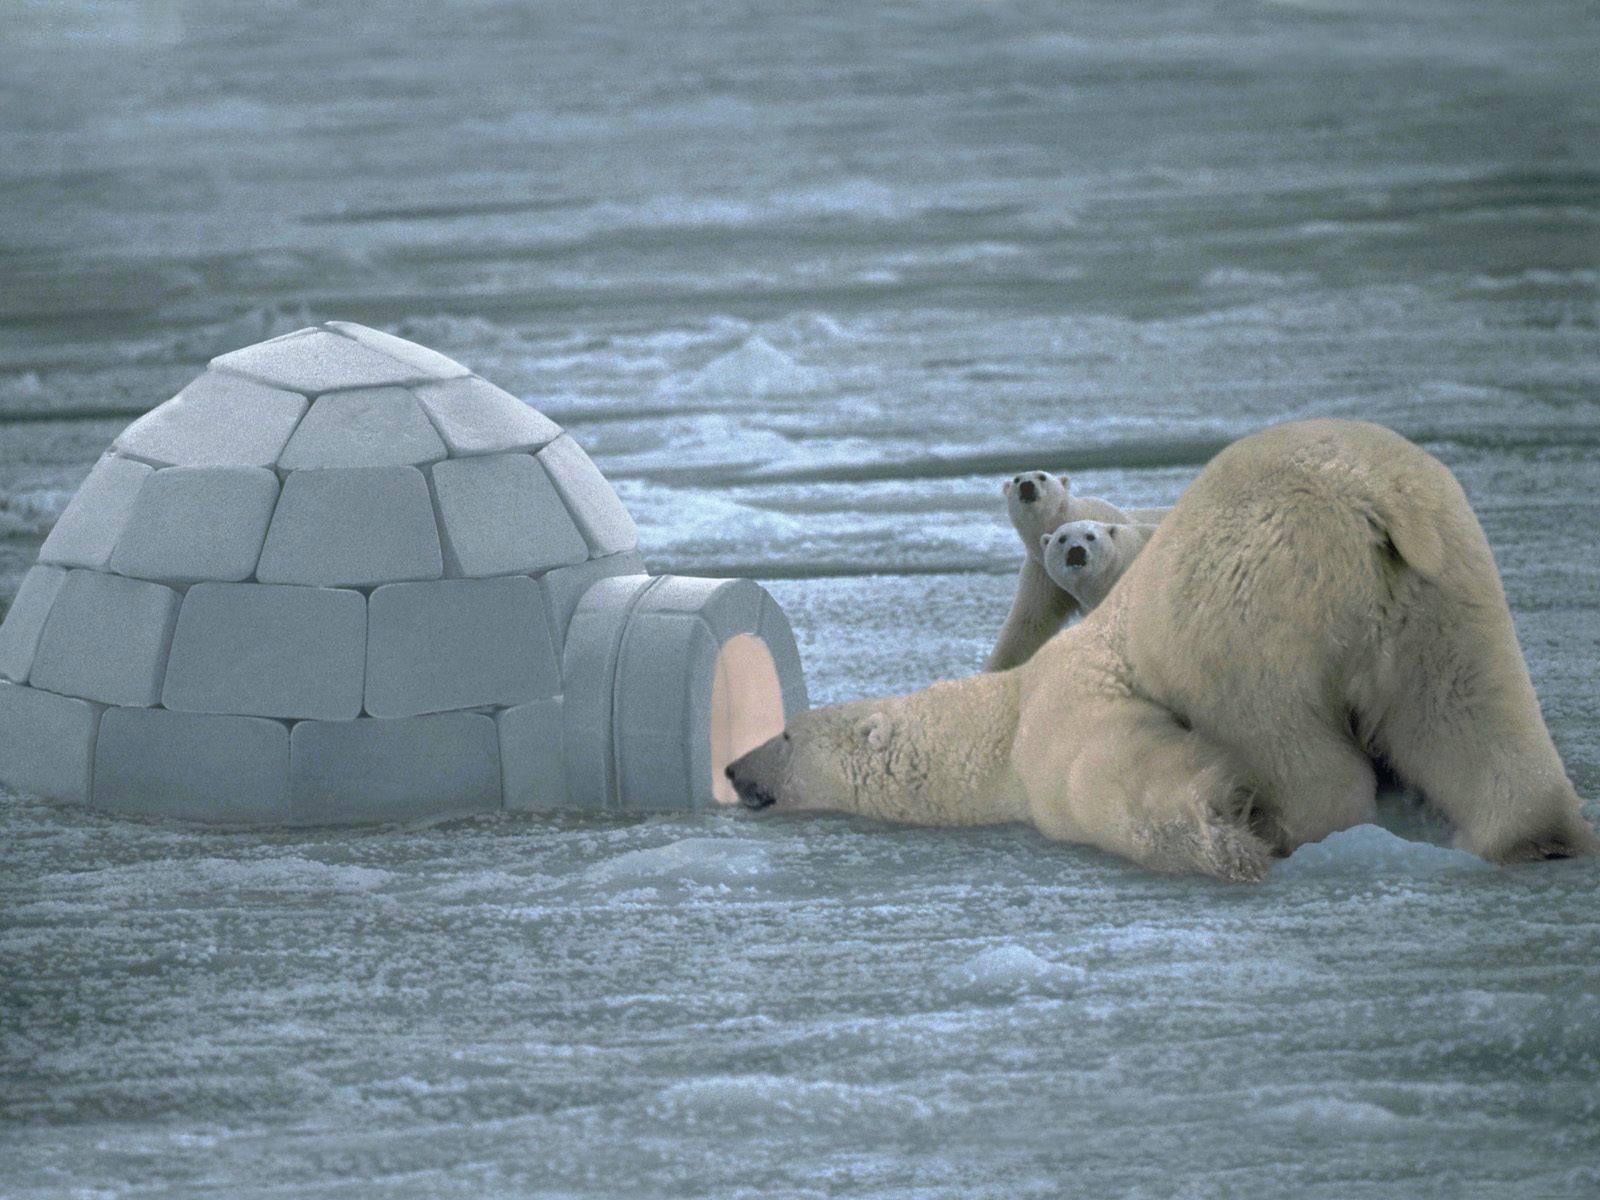 خرس قطبی کنجکاو